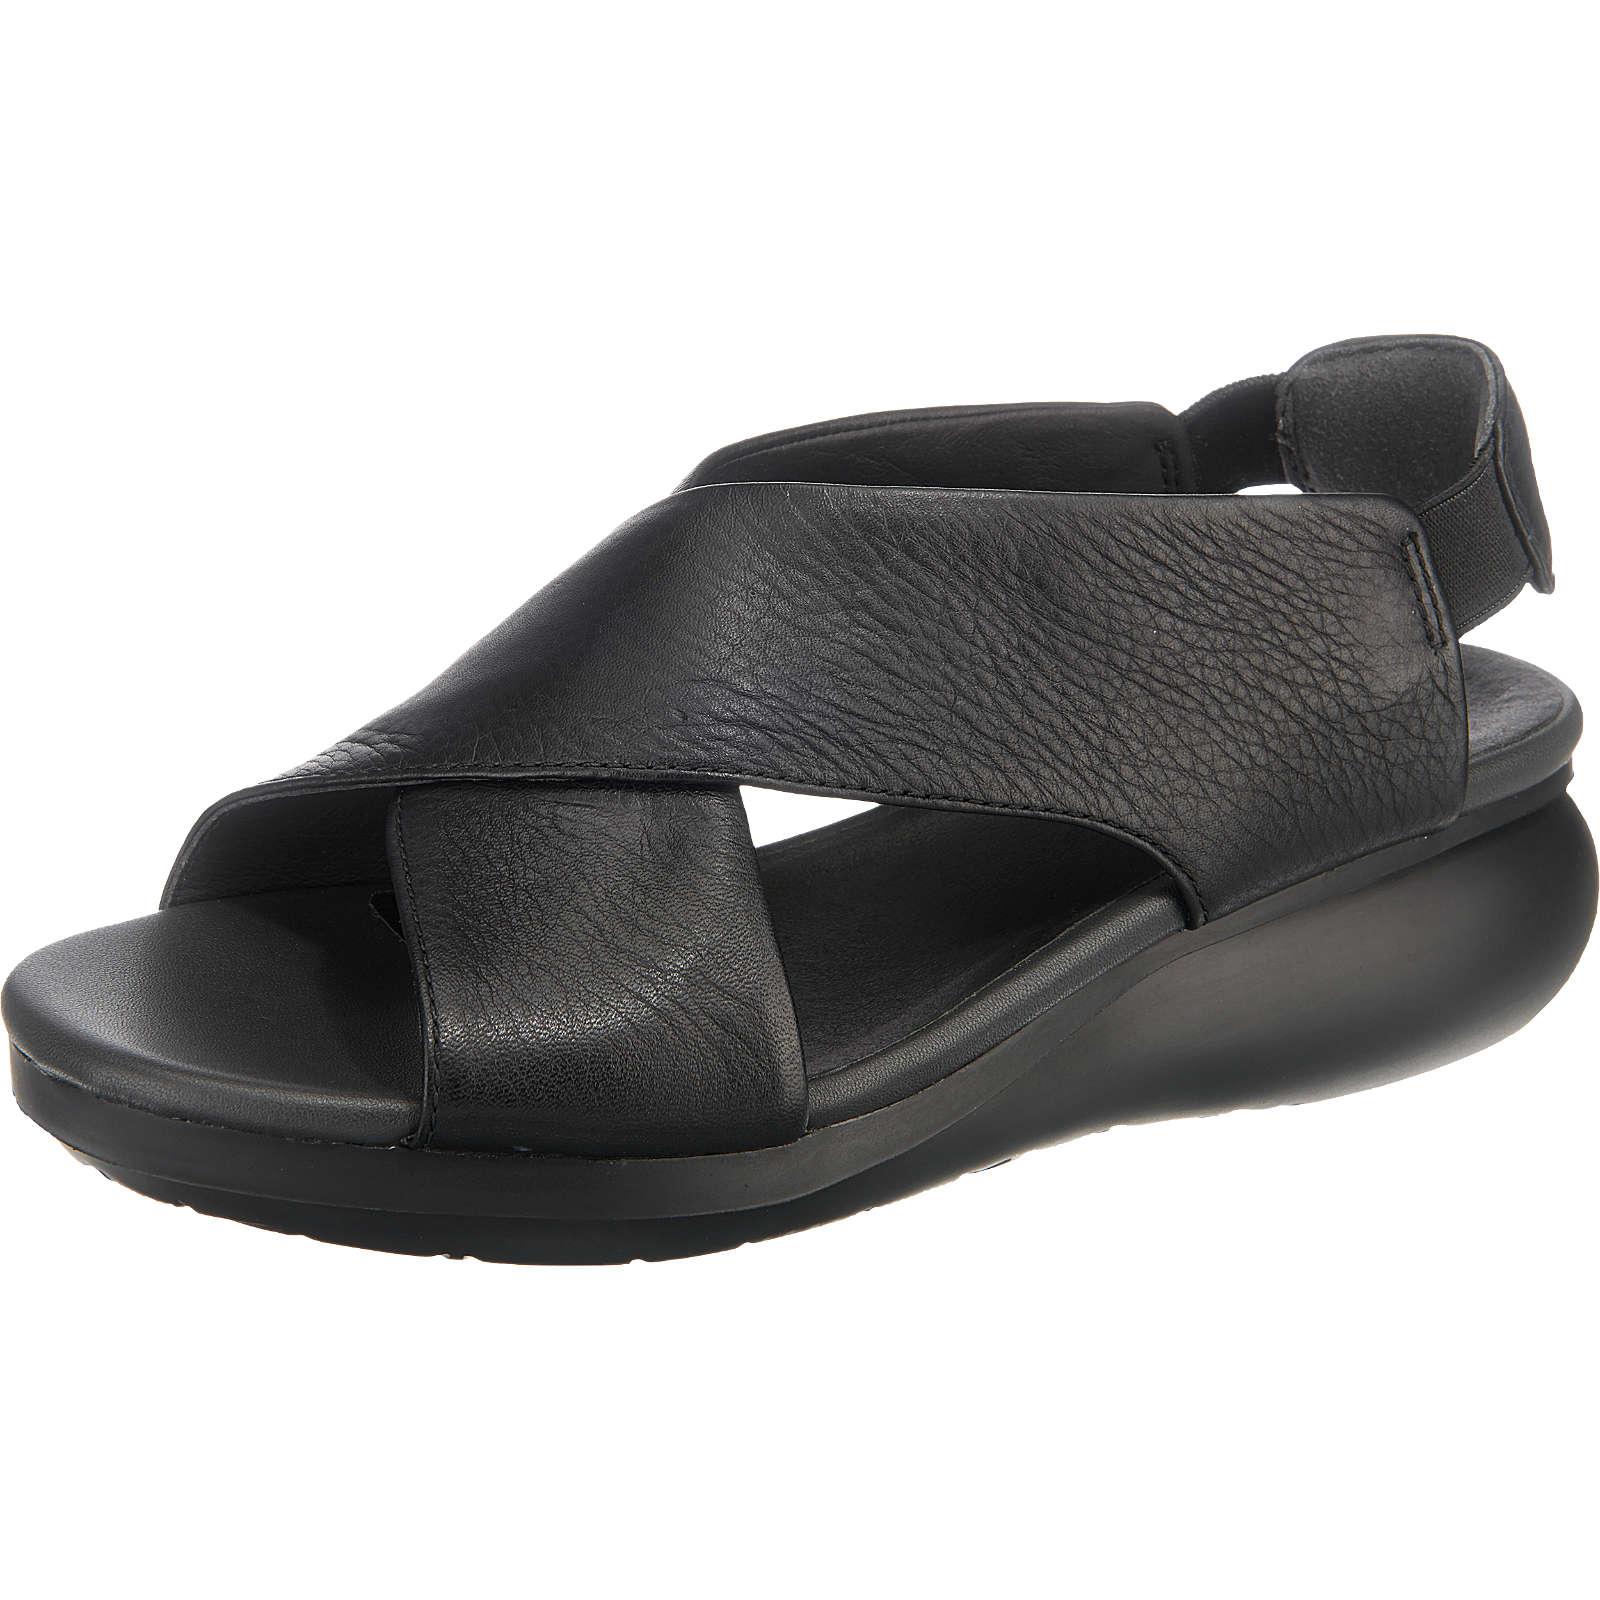 CAMPER Klassische Sandalen schwarz Damen Gr. 38